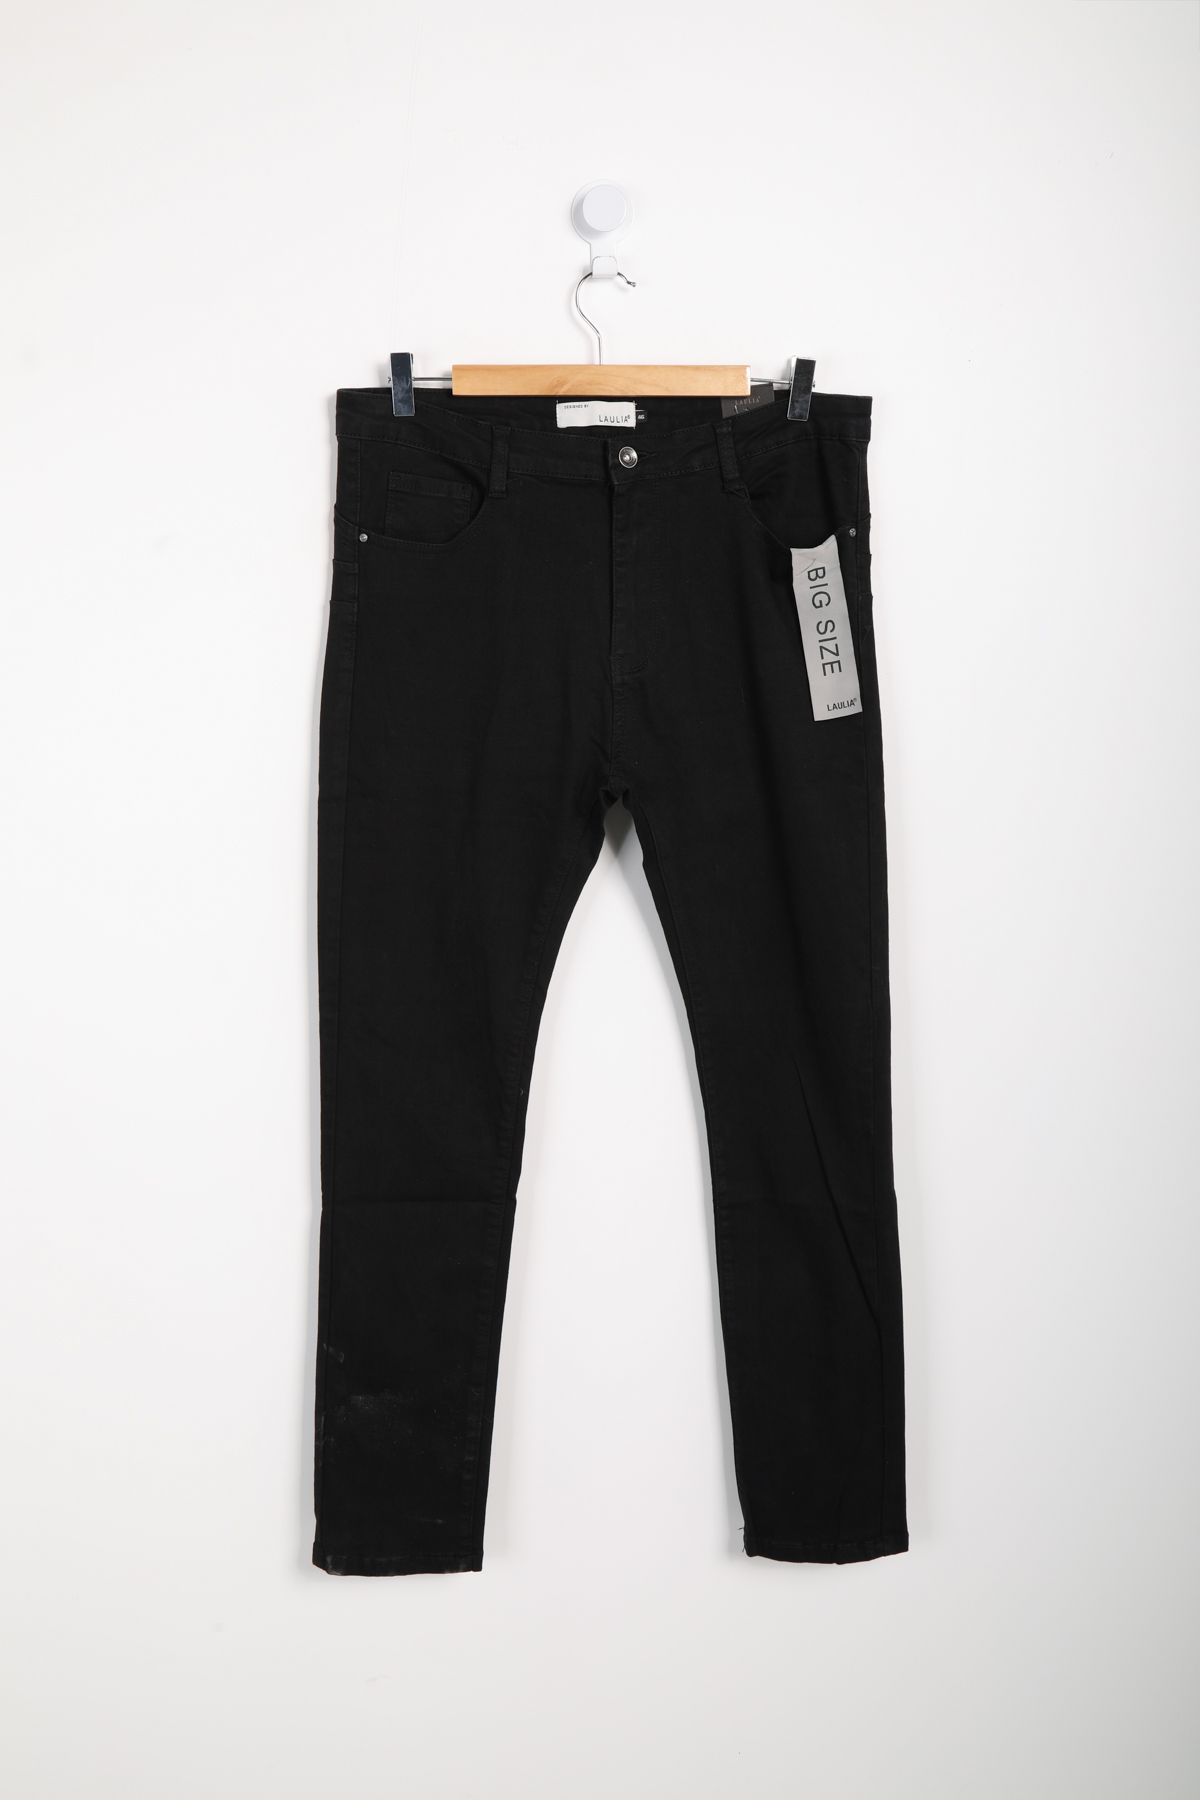 Jeans Donna Black Laulia 1J368 #c eFashion Paris